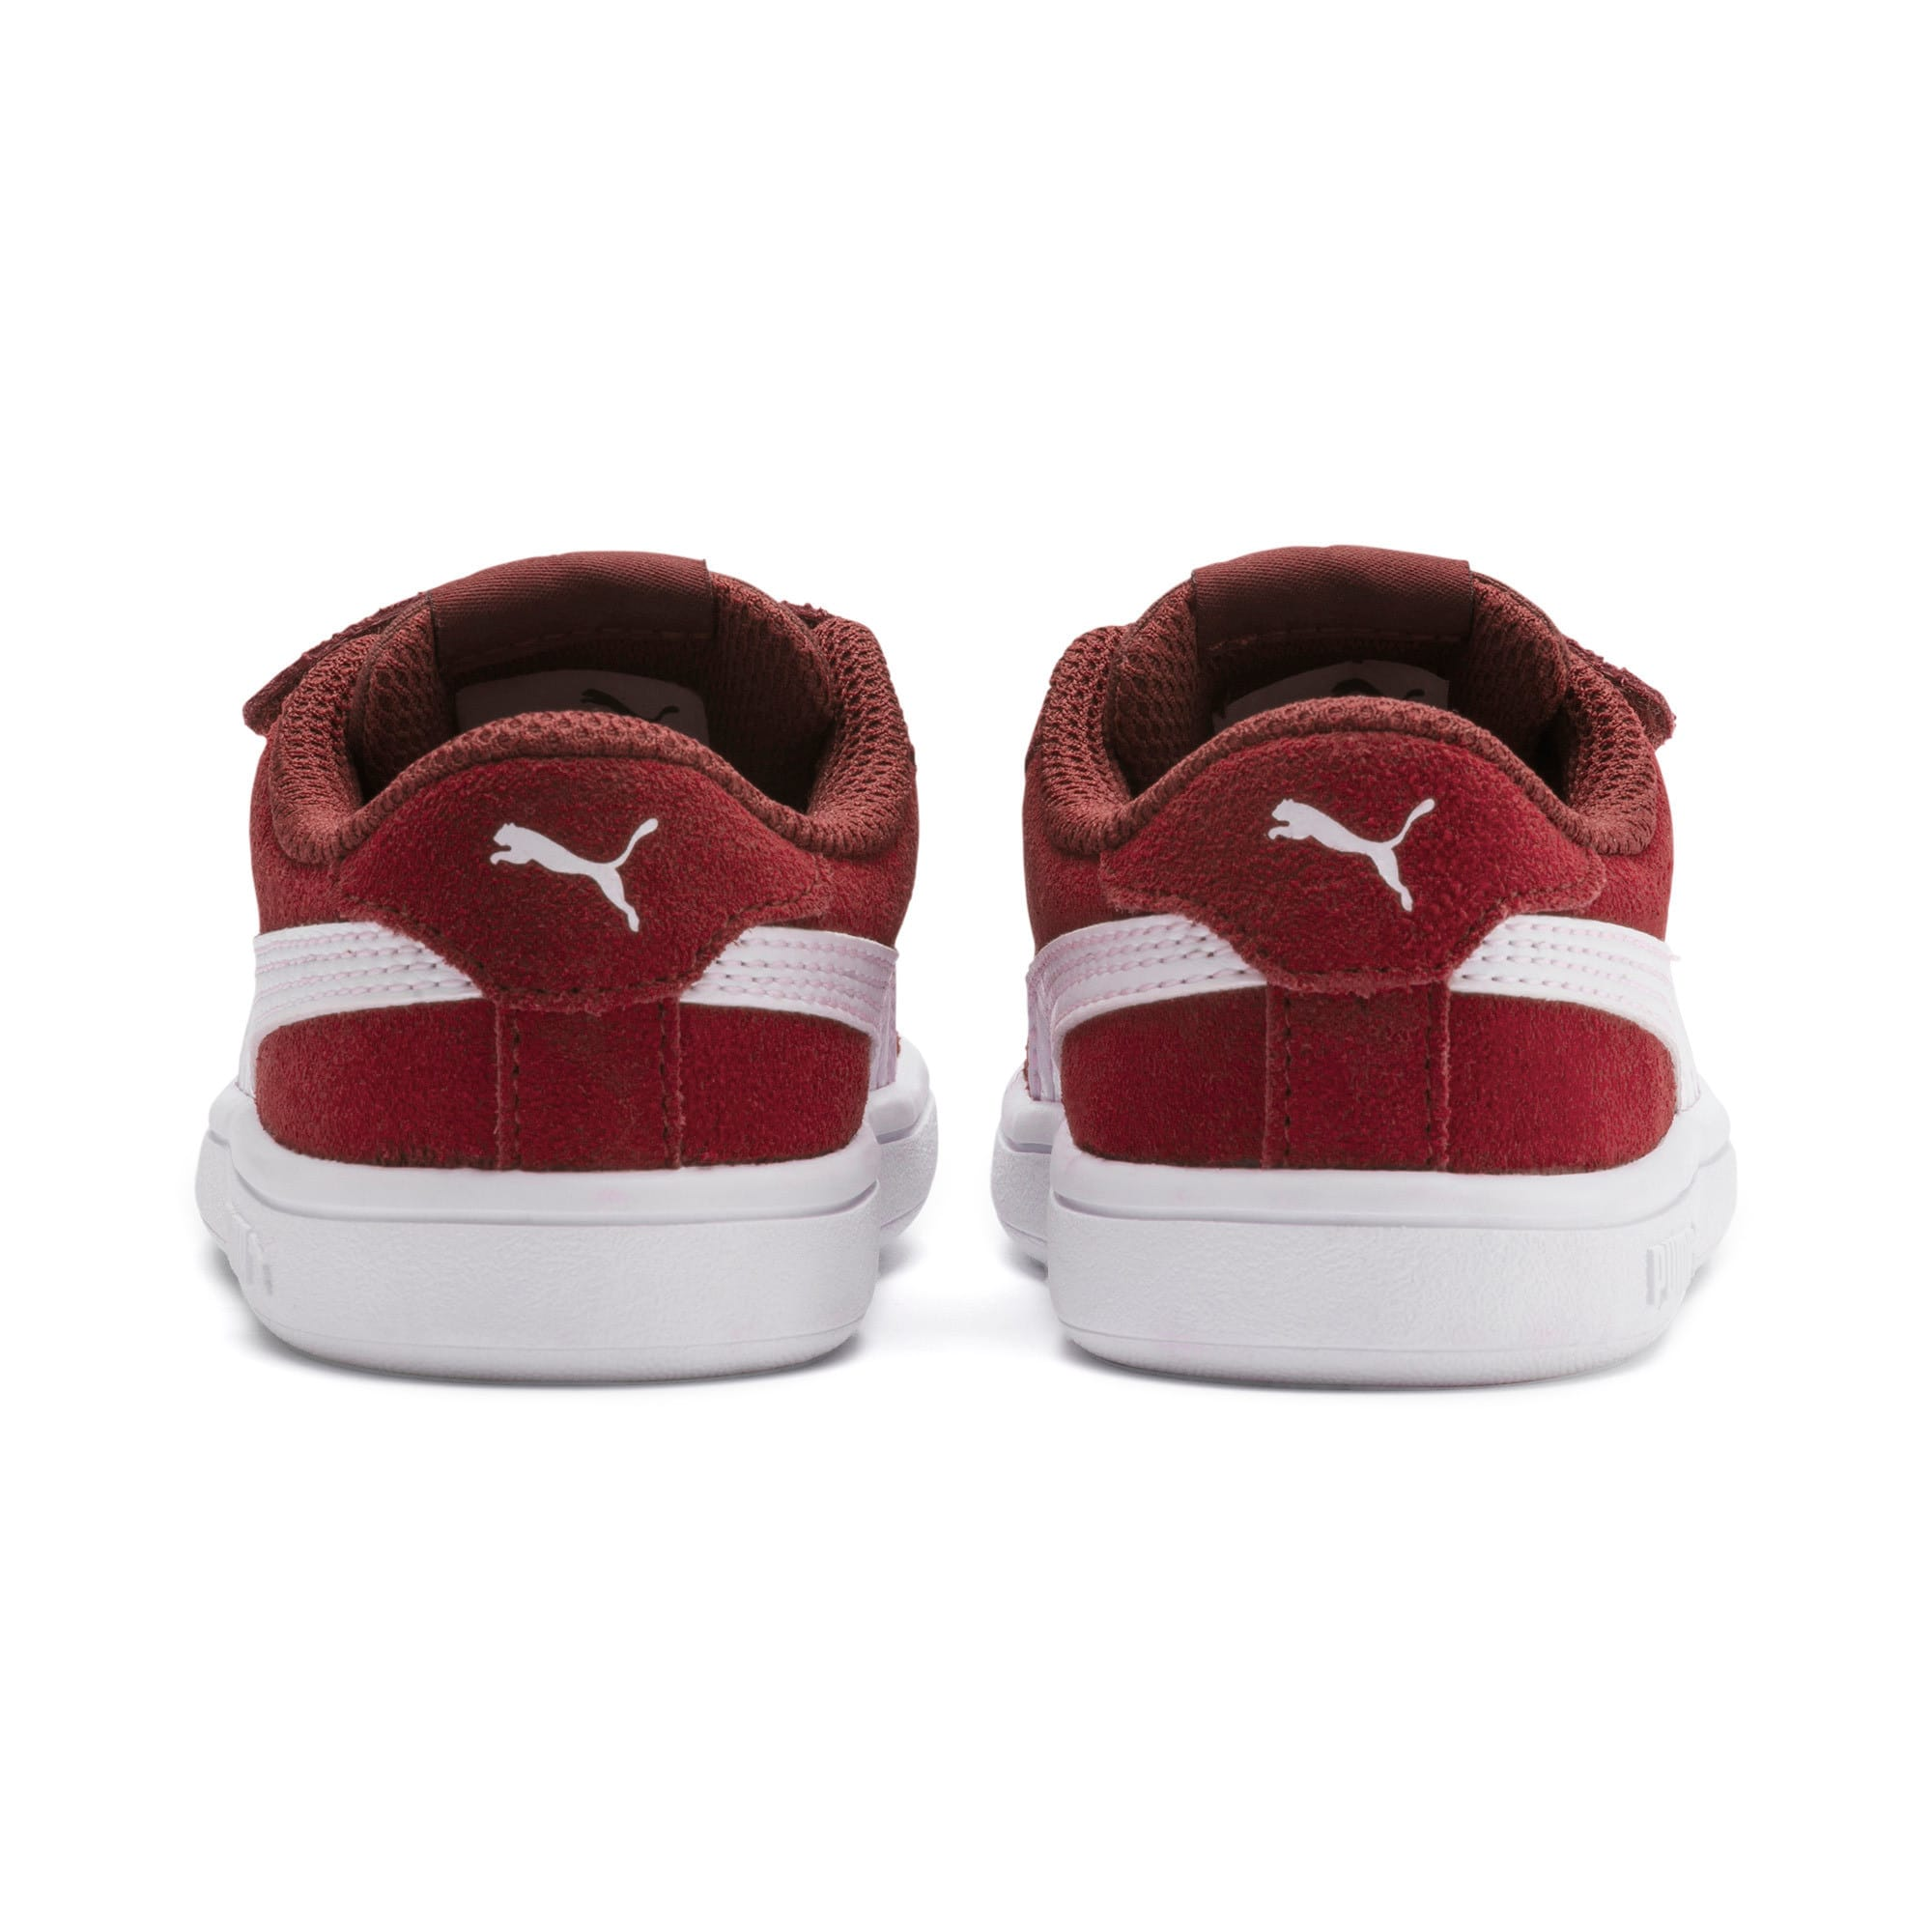 Thumbnail 3 of PUMA Smash v2 Suede Toddler Shoes, Rhubarb-Puma White, medium